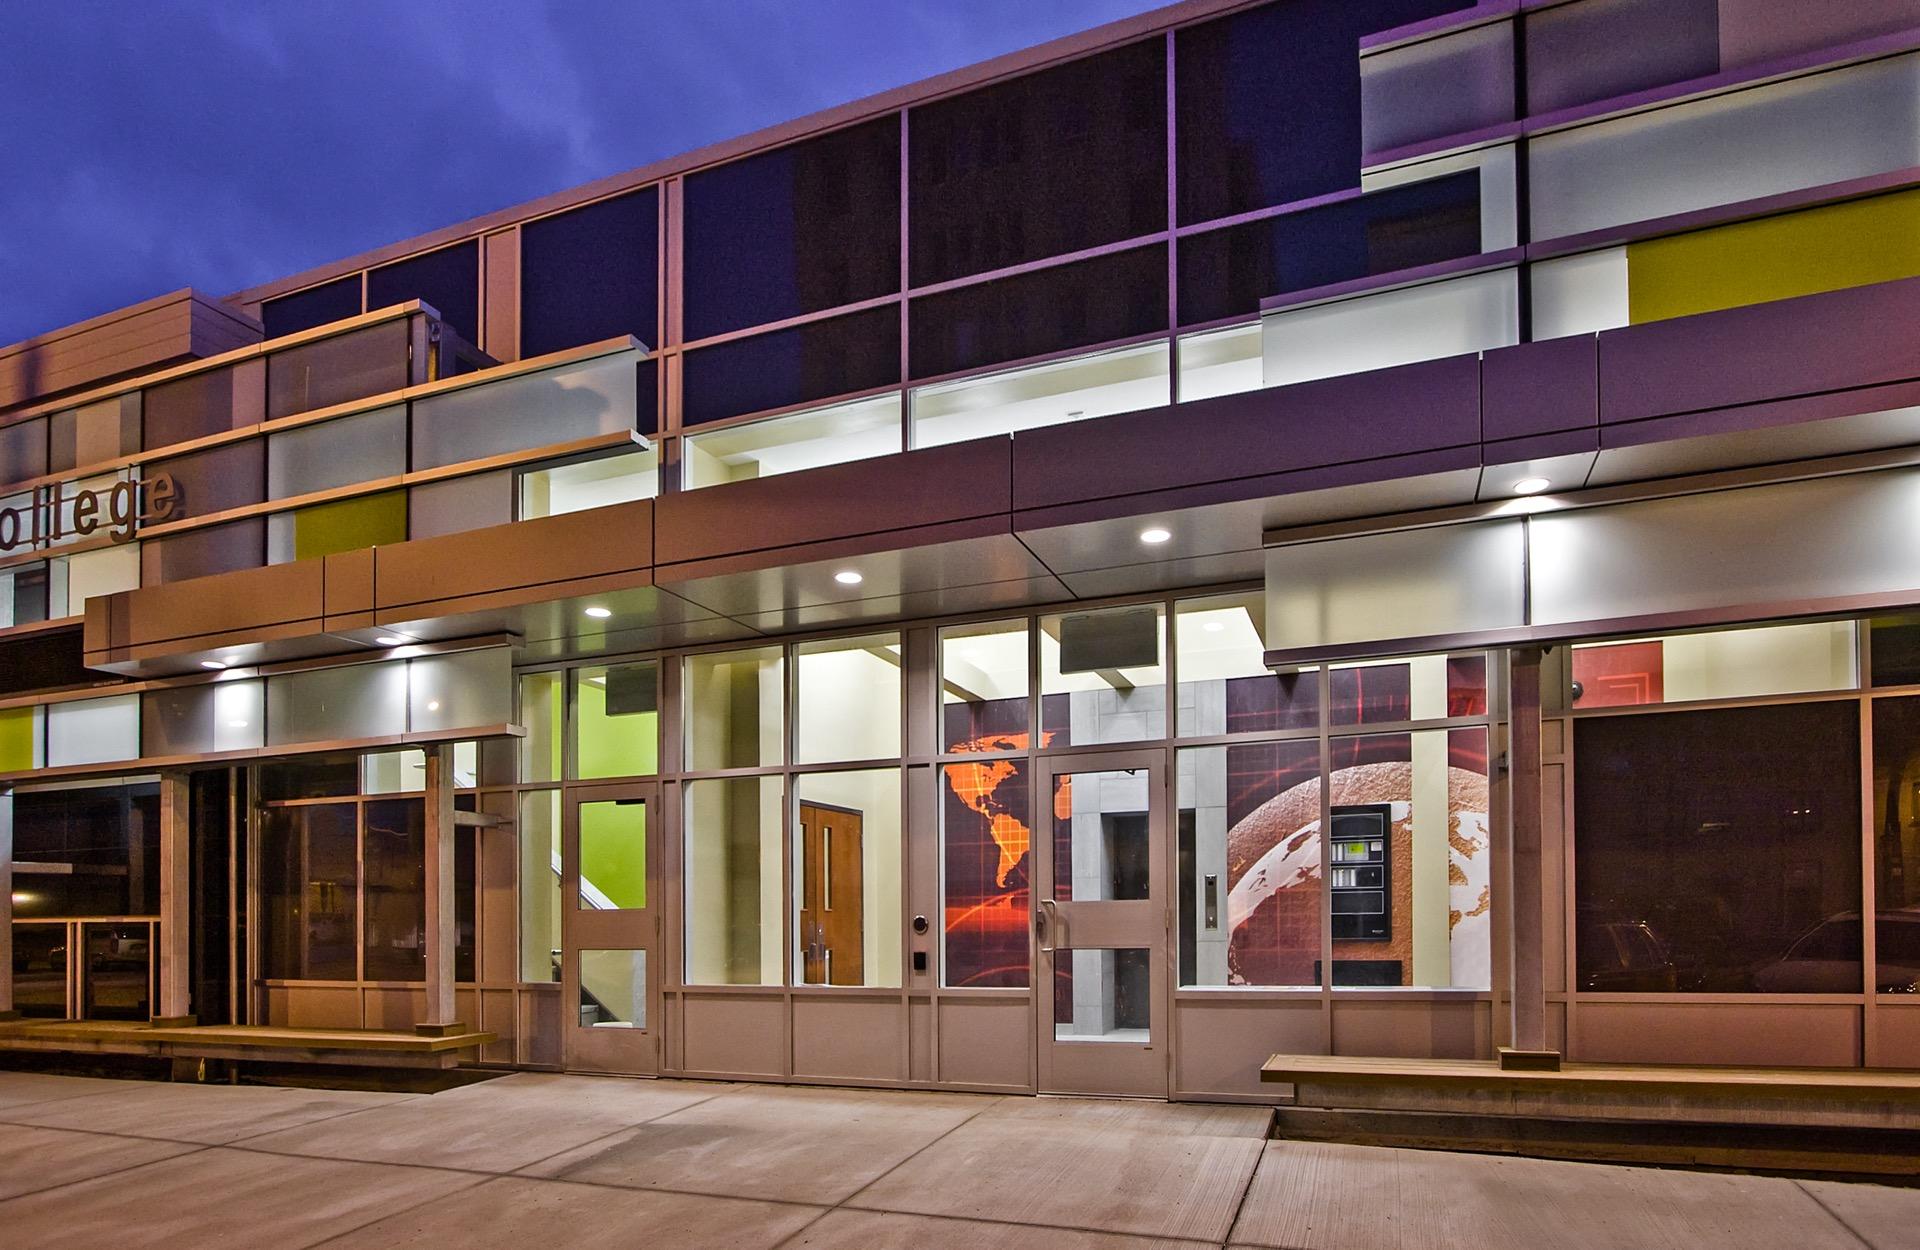 St. Clair College Mediaplex